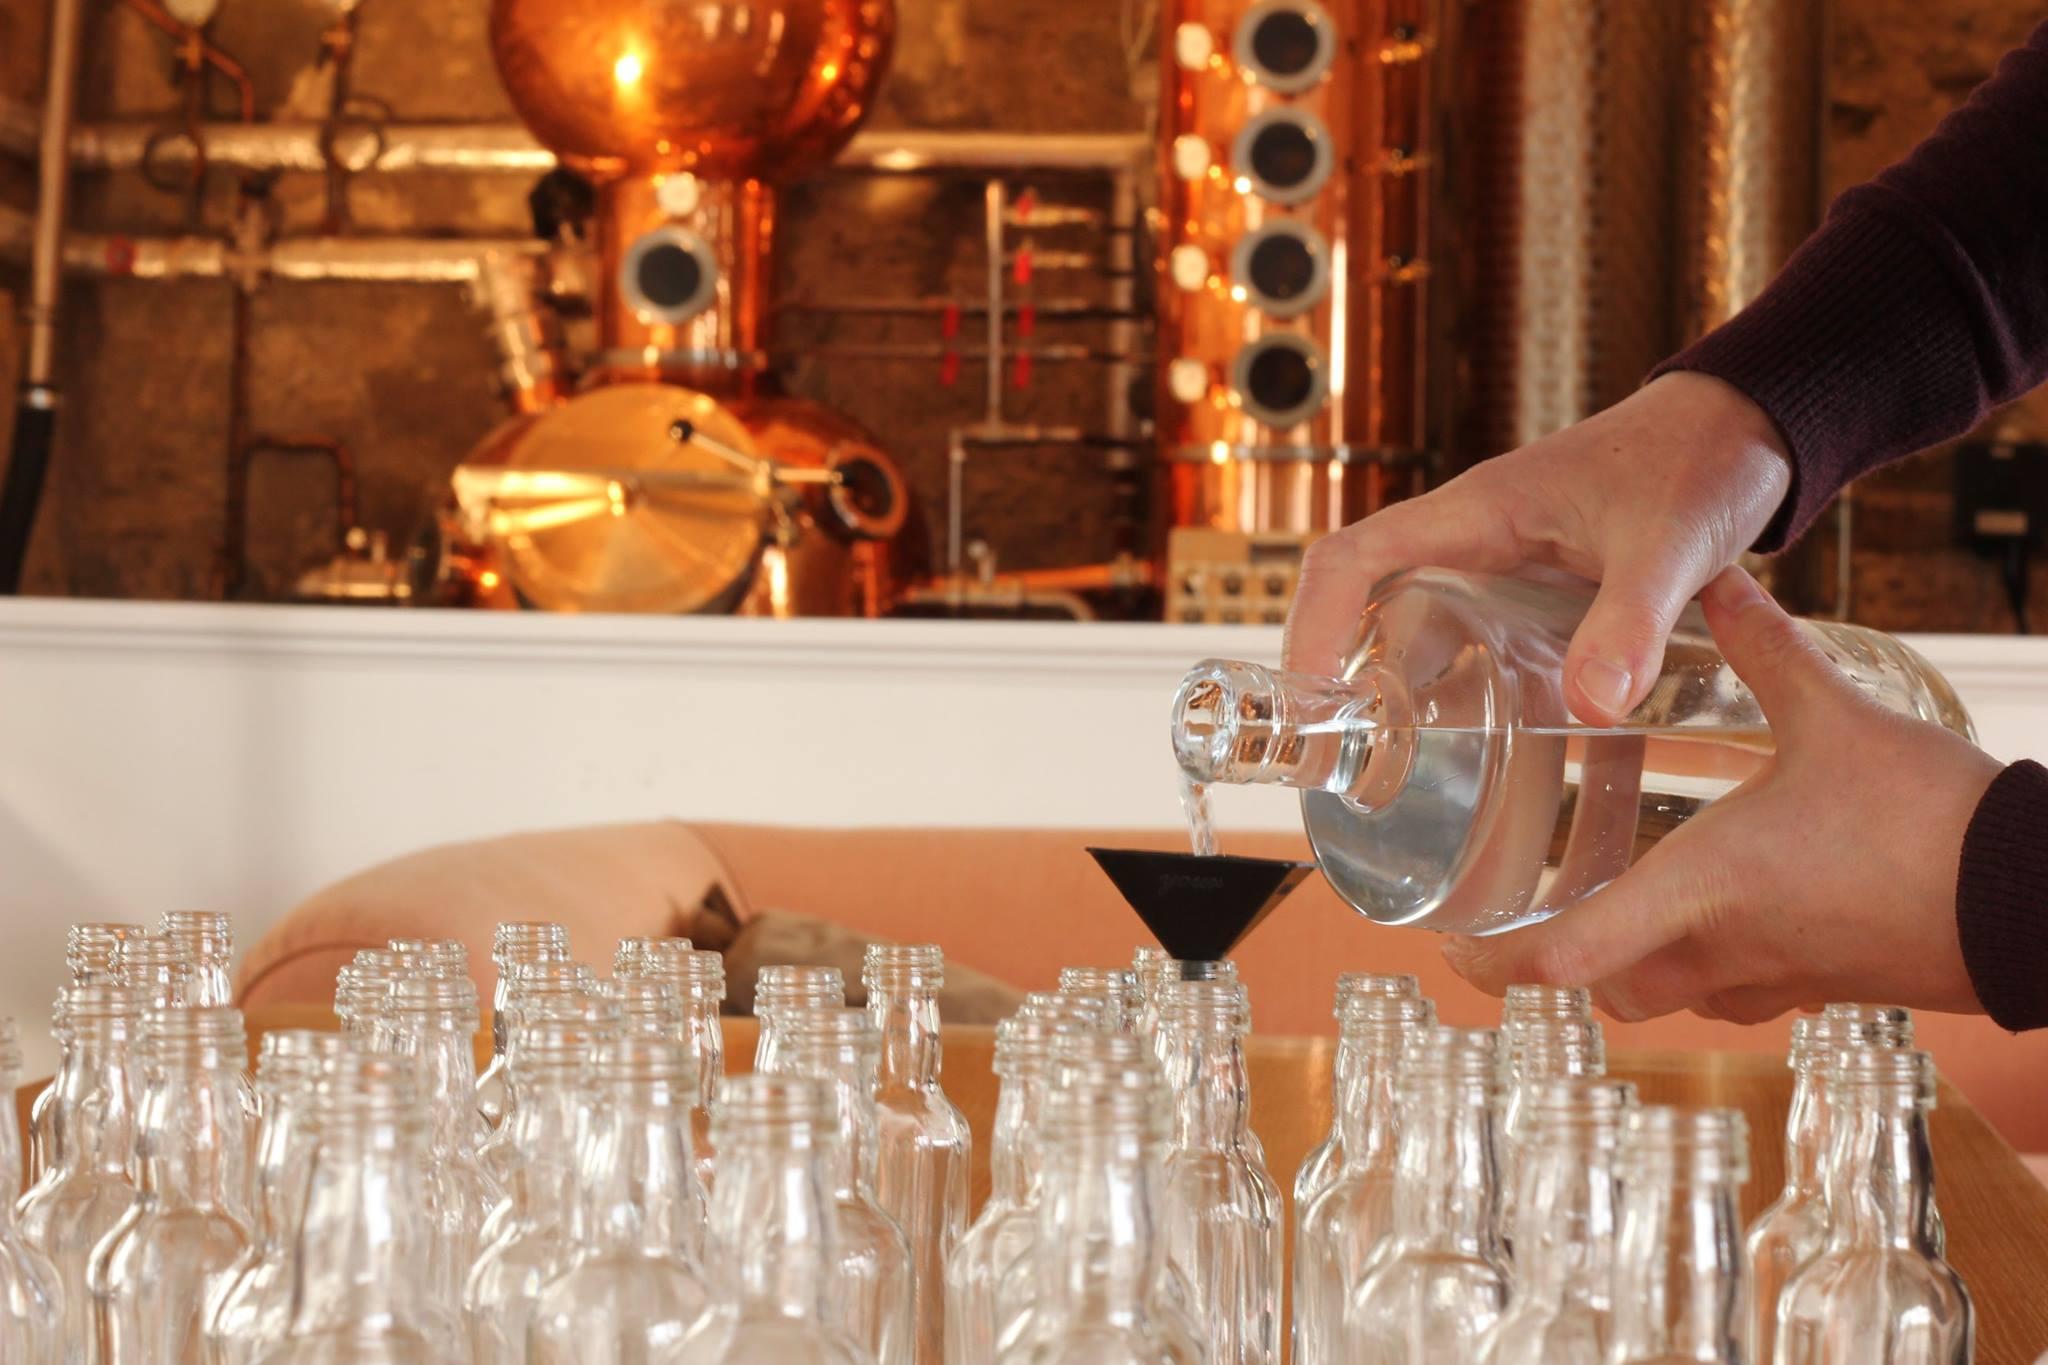 Craft Gin distillery, Perthshire, Tasting room, copper still